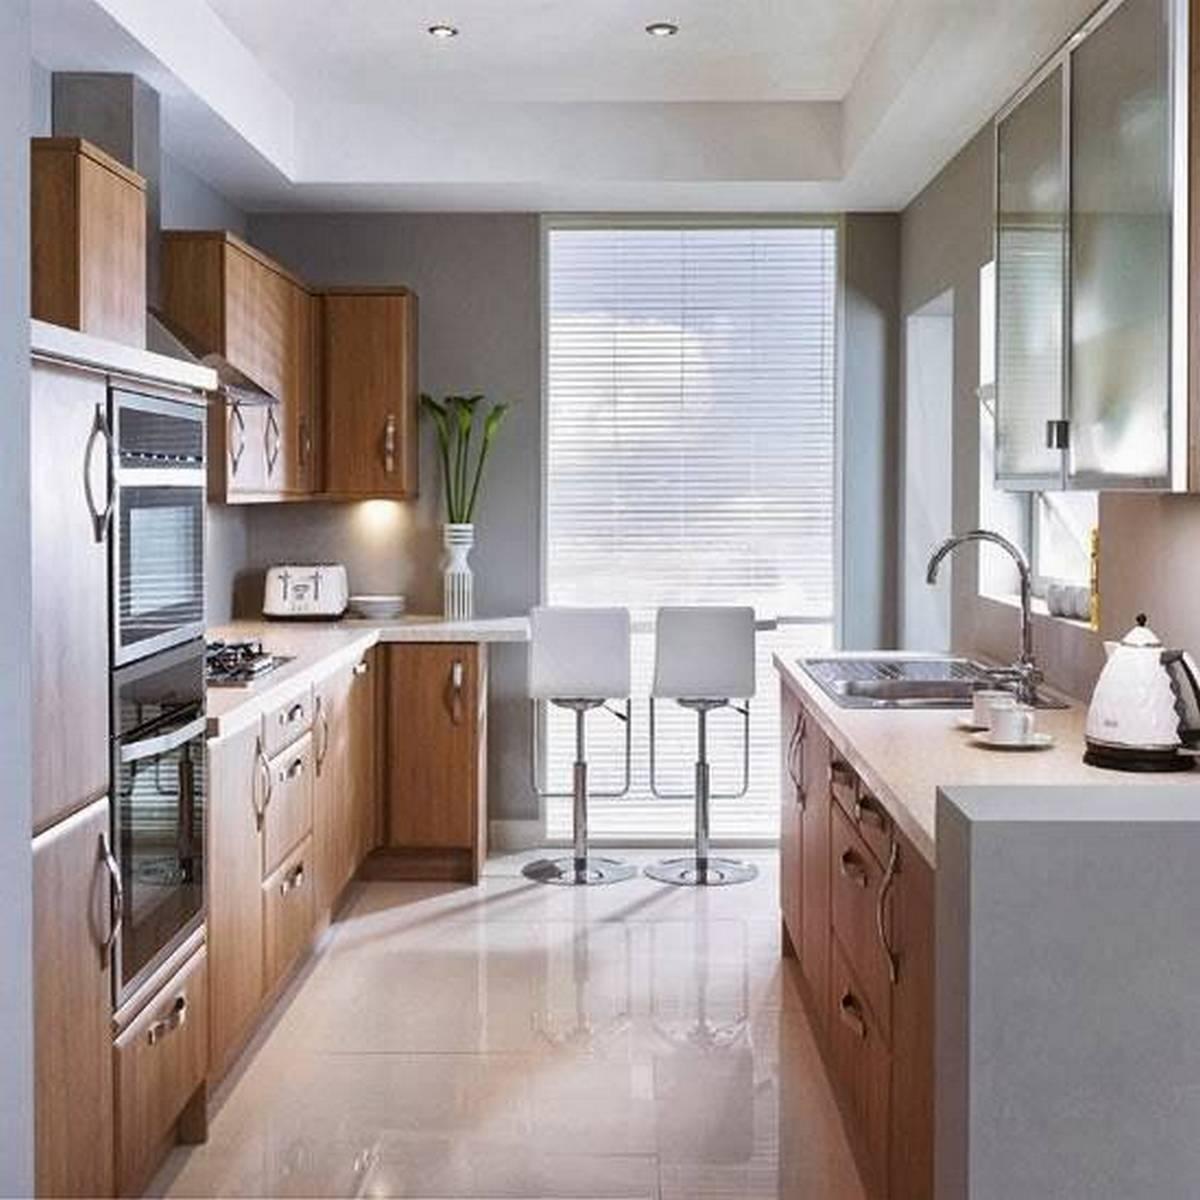 дизайн кухни 12 кв м фото дизайнерские новинки